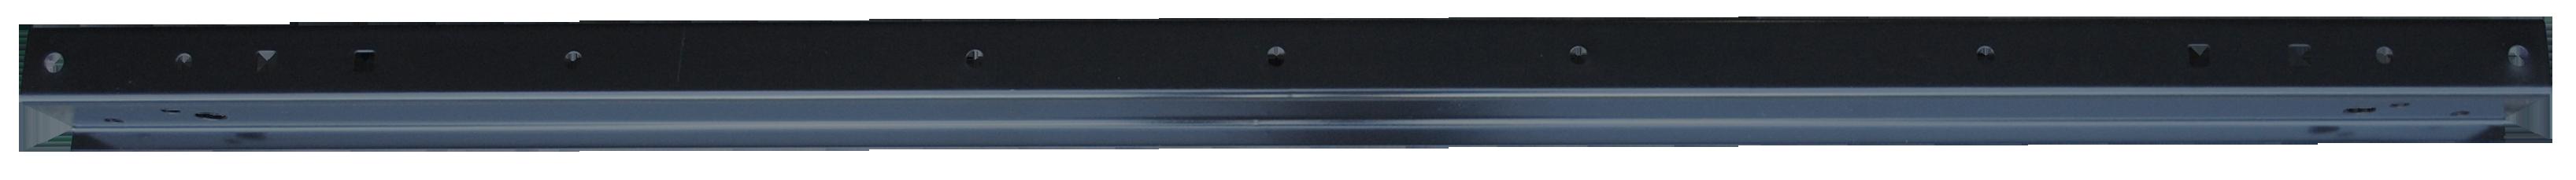 GMC Fleetside Pickup Truck Cross Sill 1960-62 Chevrolet Steel Bed